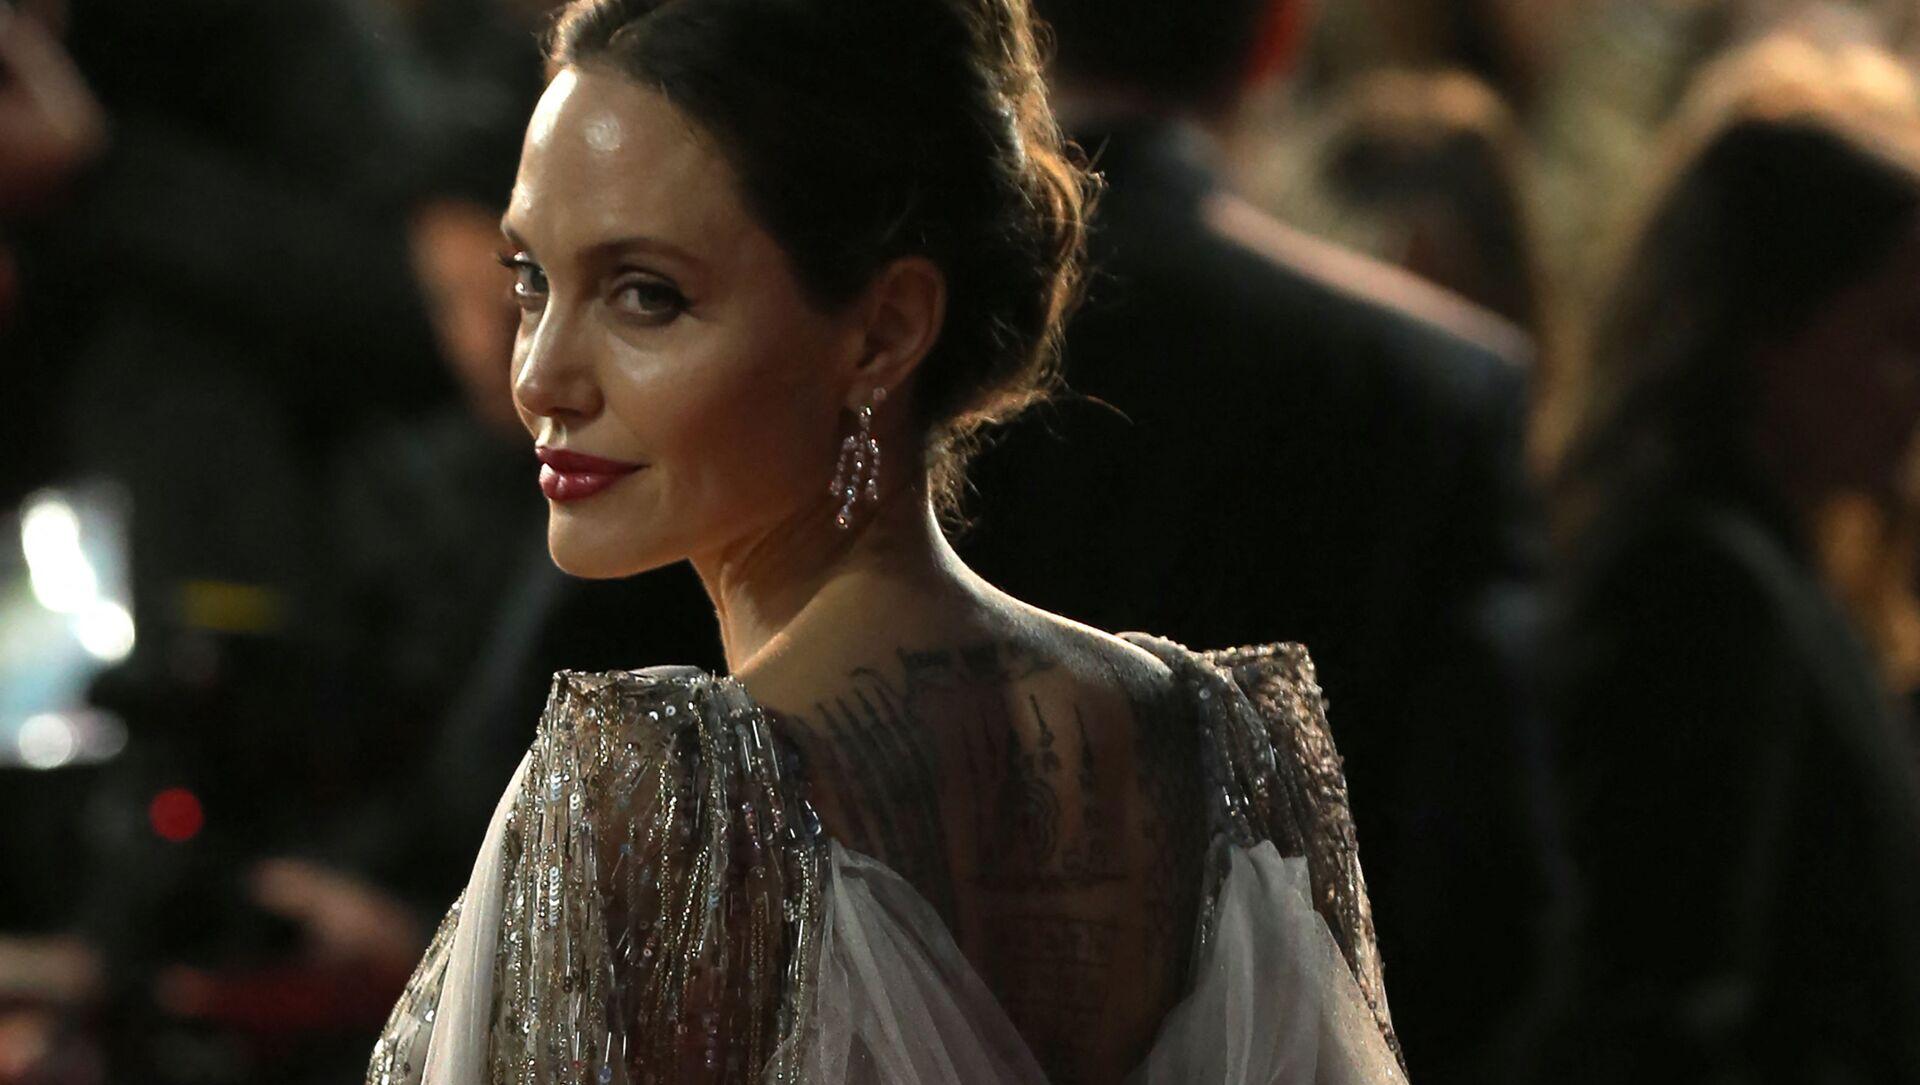 Голливудская актриса Анджелина Джоли, архивное фото - Sputnik Беларусь, 1920, 16.04.2021